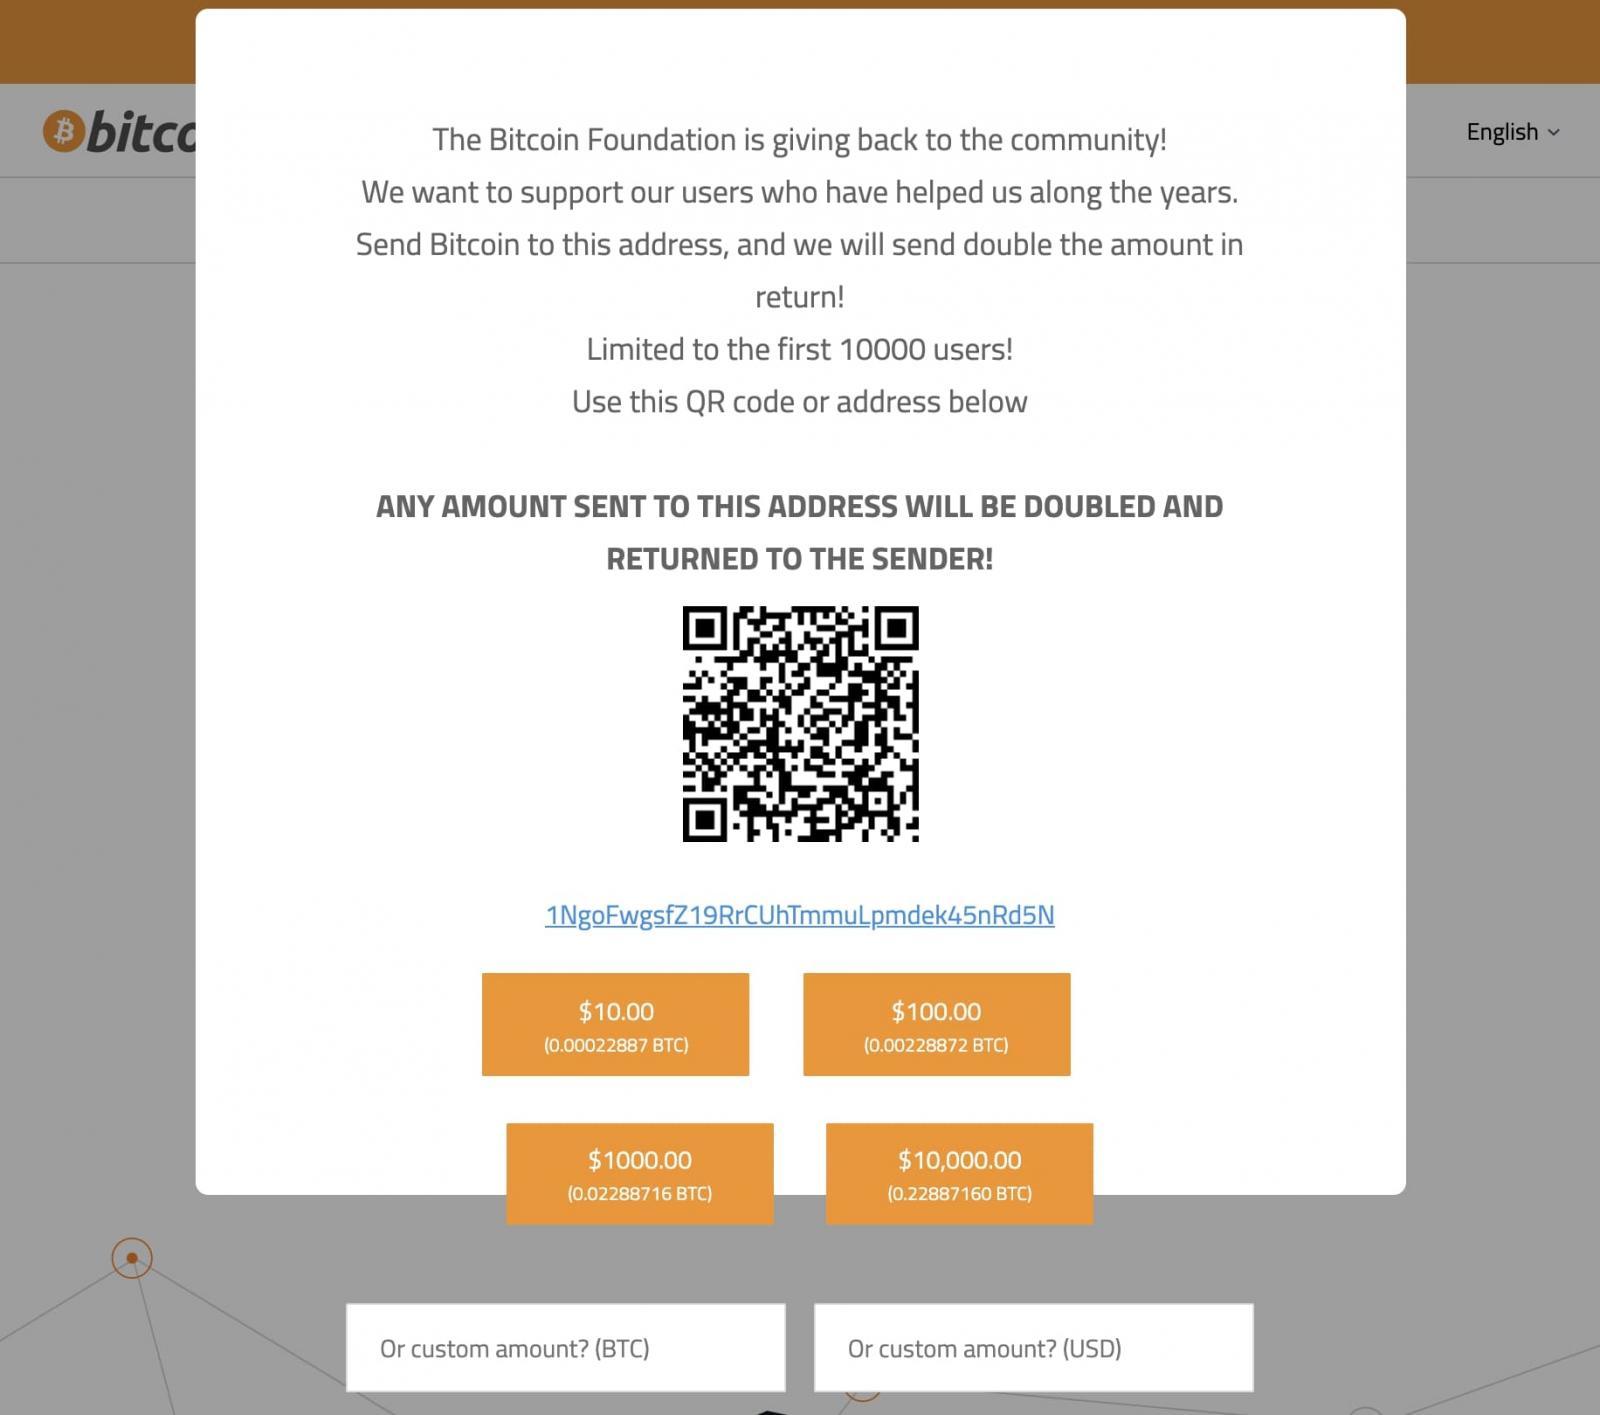 bitcoin.org hacked